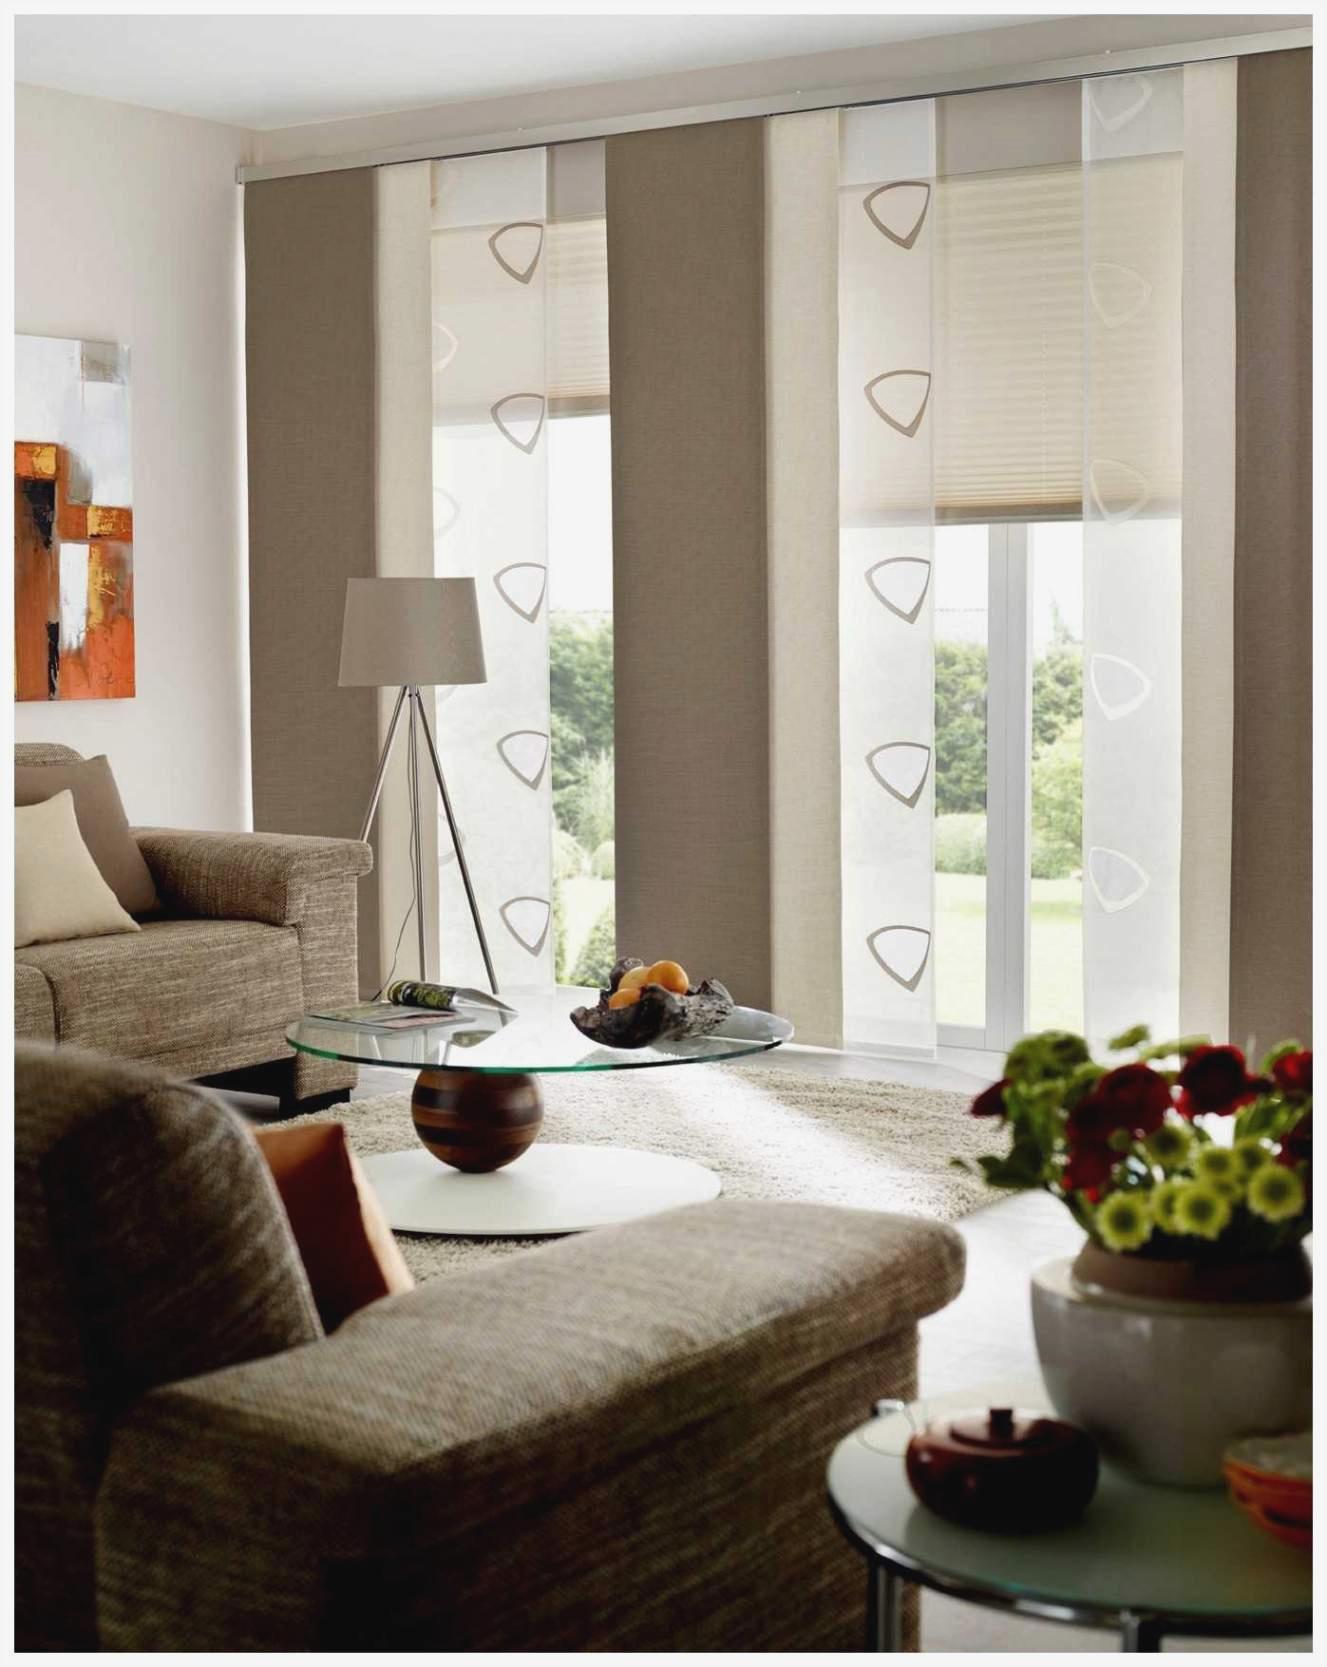 Full Size of Fenster Gardinen Scheibengardinen Küche Für Wohnzimmer Schlafzimmer Die Gardine Wohnzimmer Balkontür Gardine